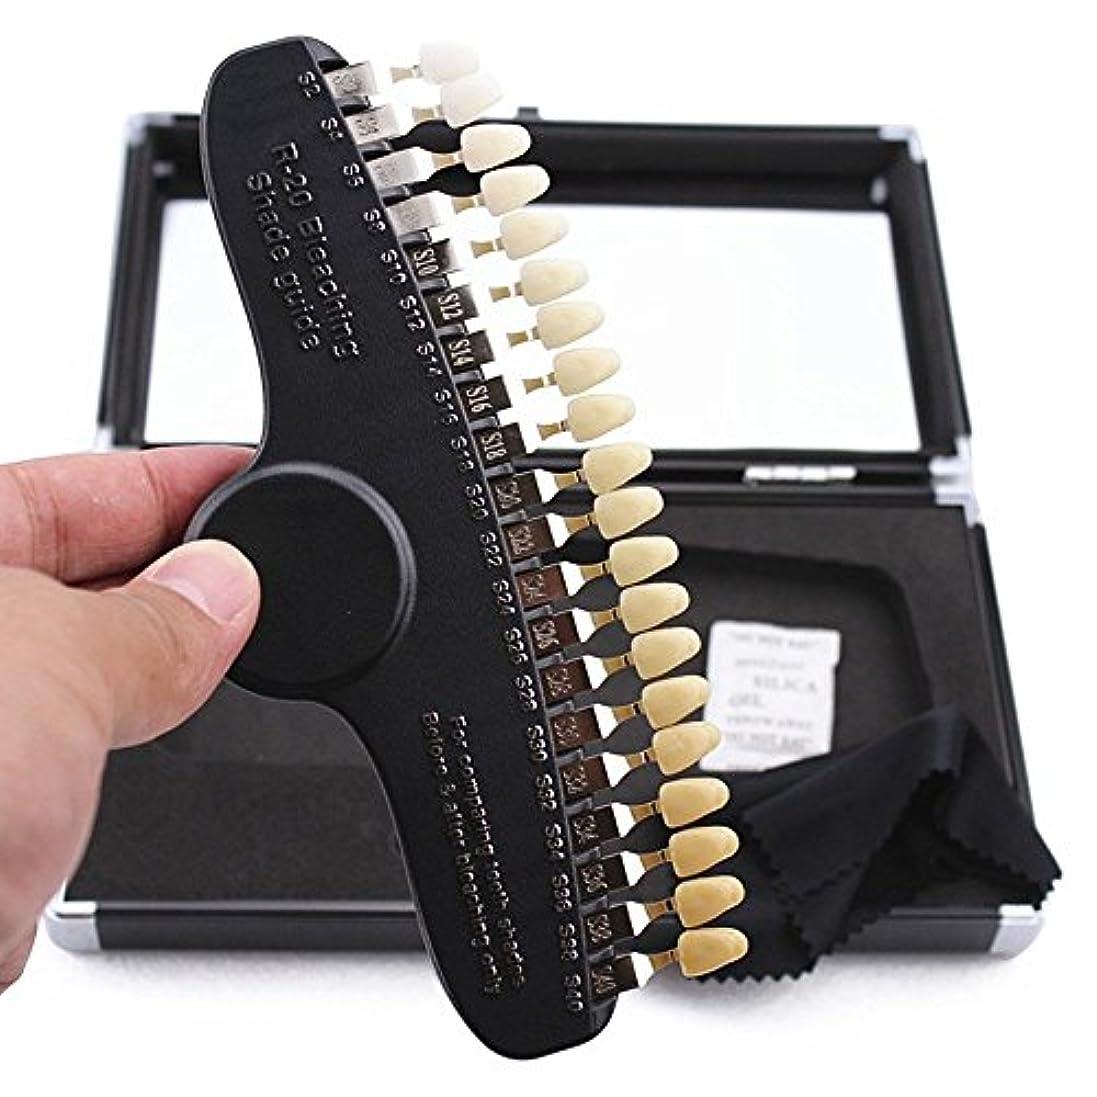 気配りのある内なる長椅子PochiDen 歯科ホワイトニング用シェードガイド 20色 3D 歯列模型ボード